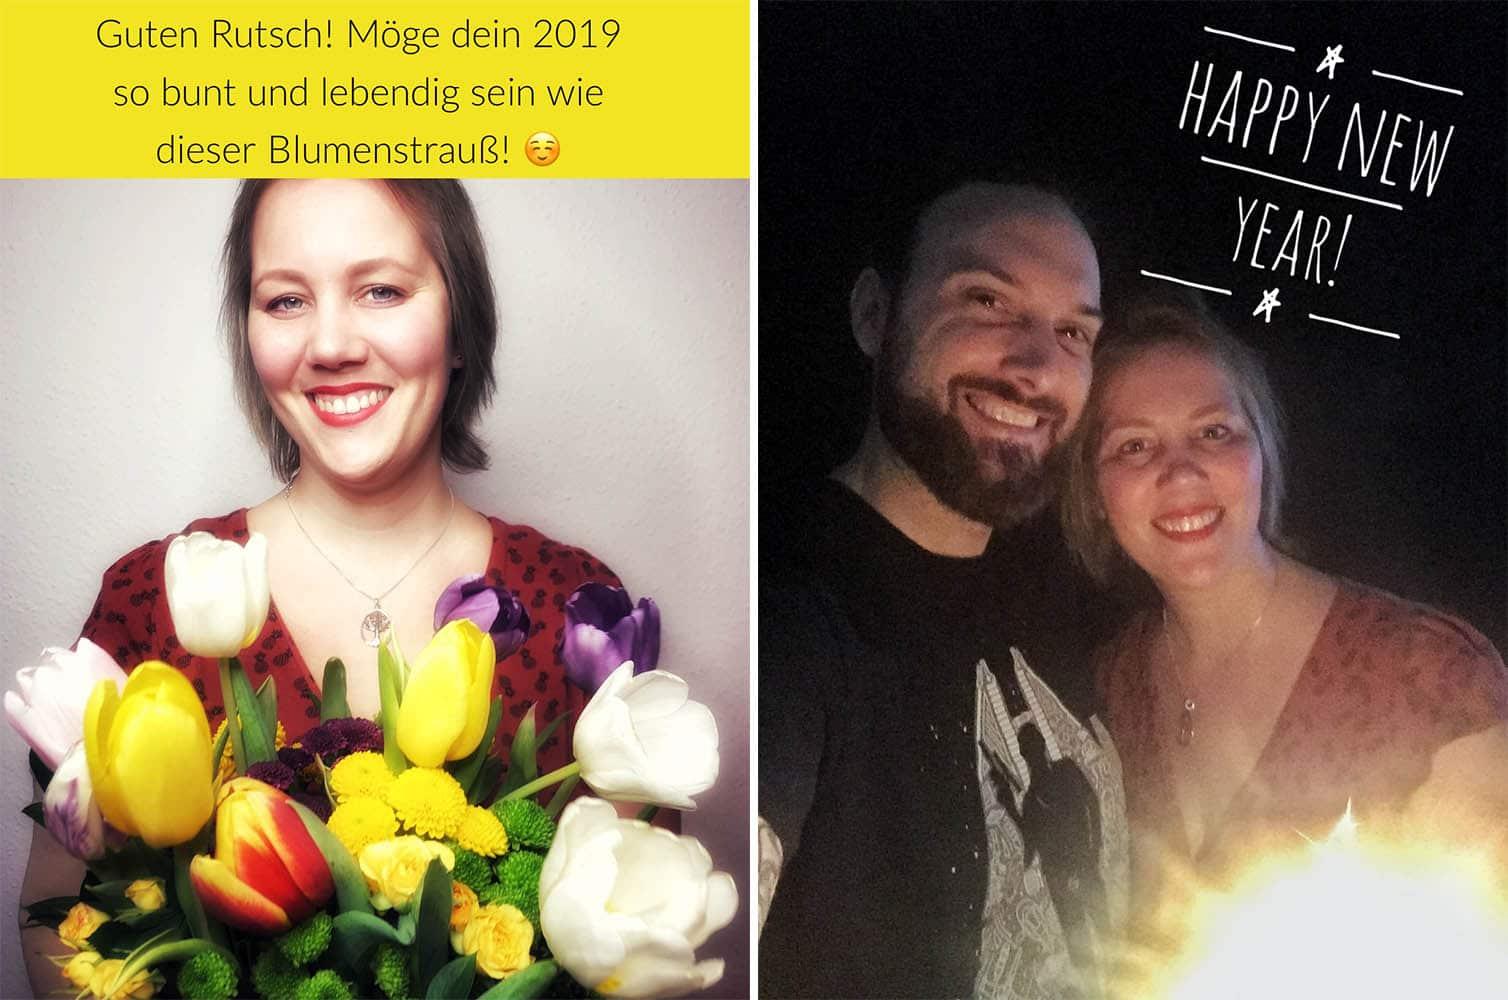 Christine und Timo Raab wünschen frohes neues Jahr mit Blumenstrauß und Wunderkerze